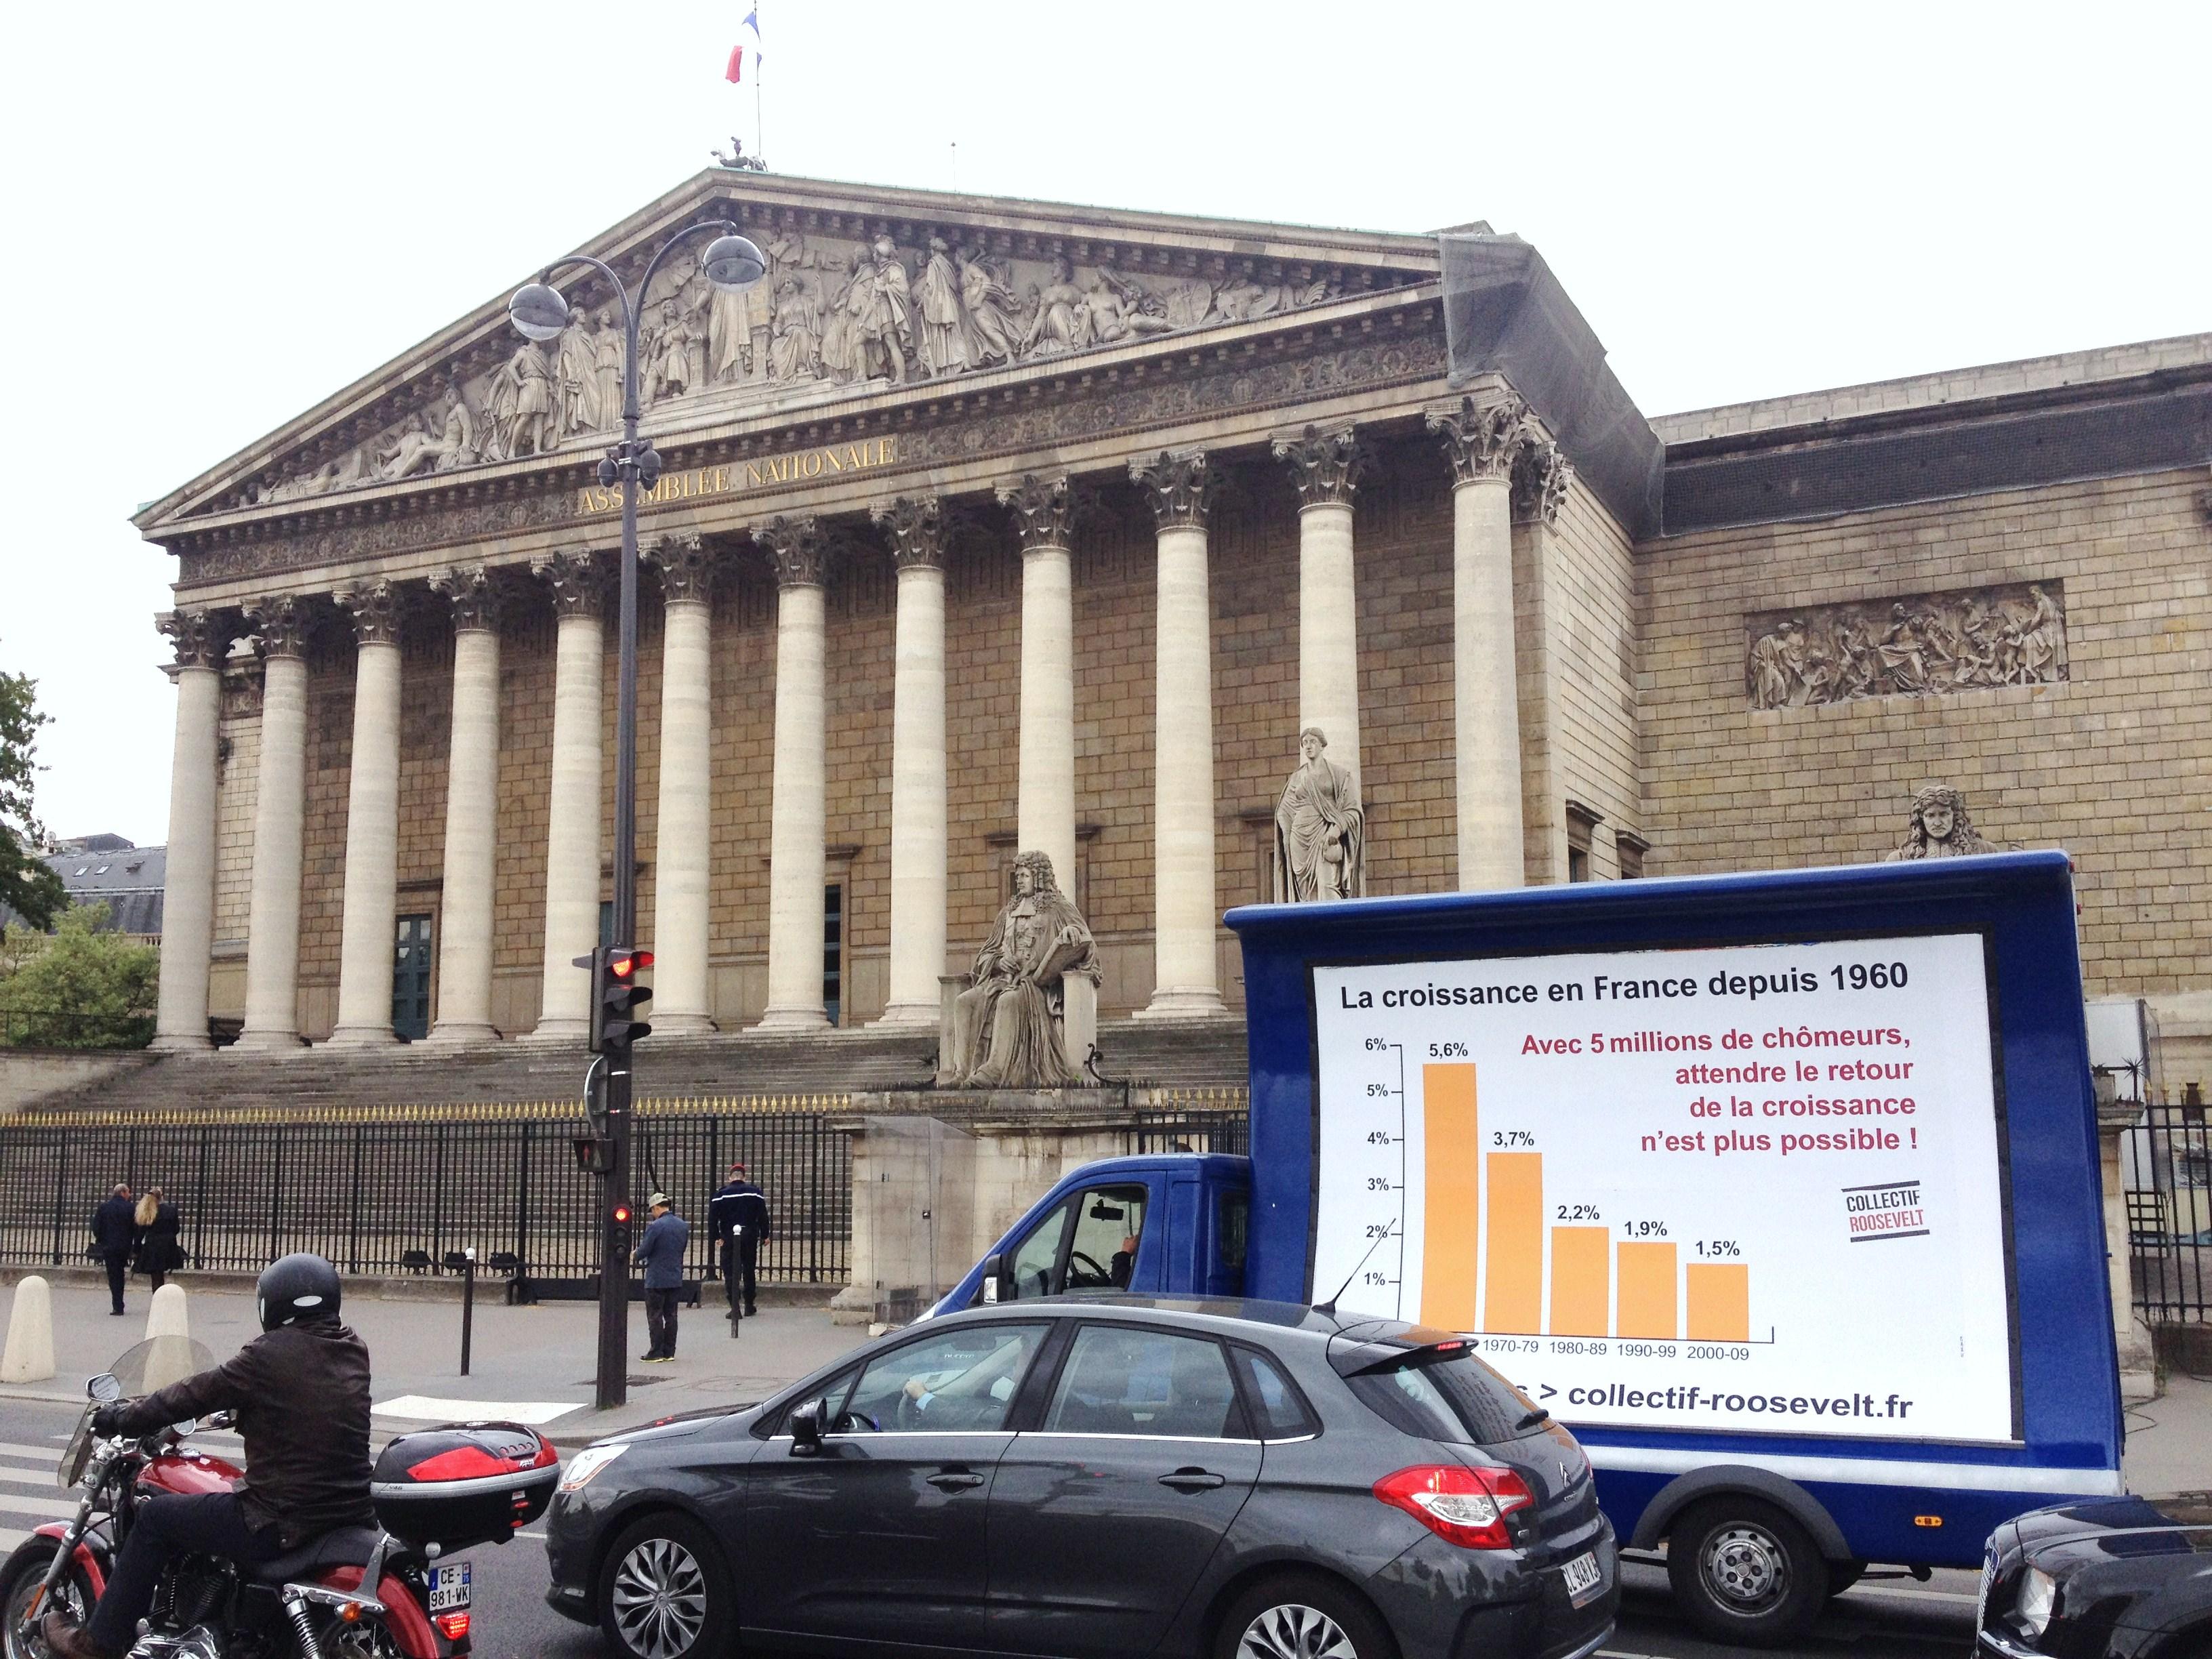 Camion publicitaire sur la croissance en France devant l'Assemblée nationale